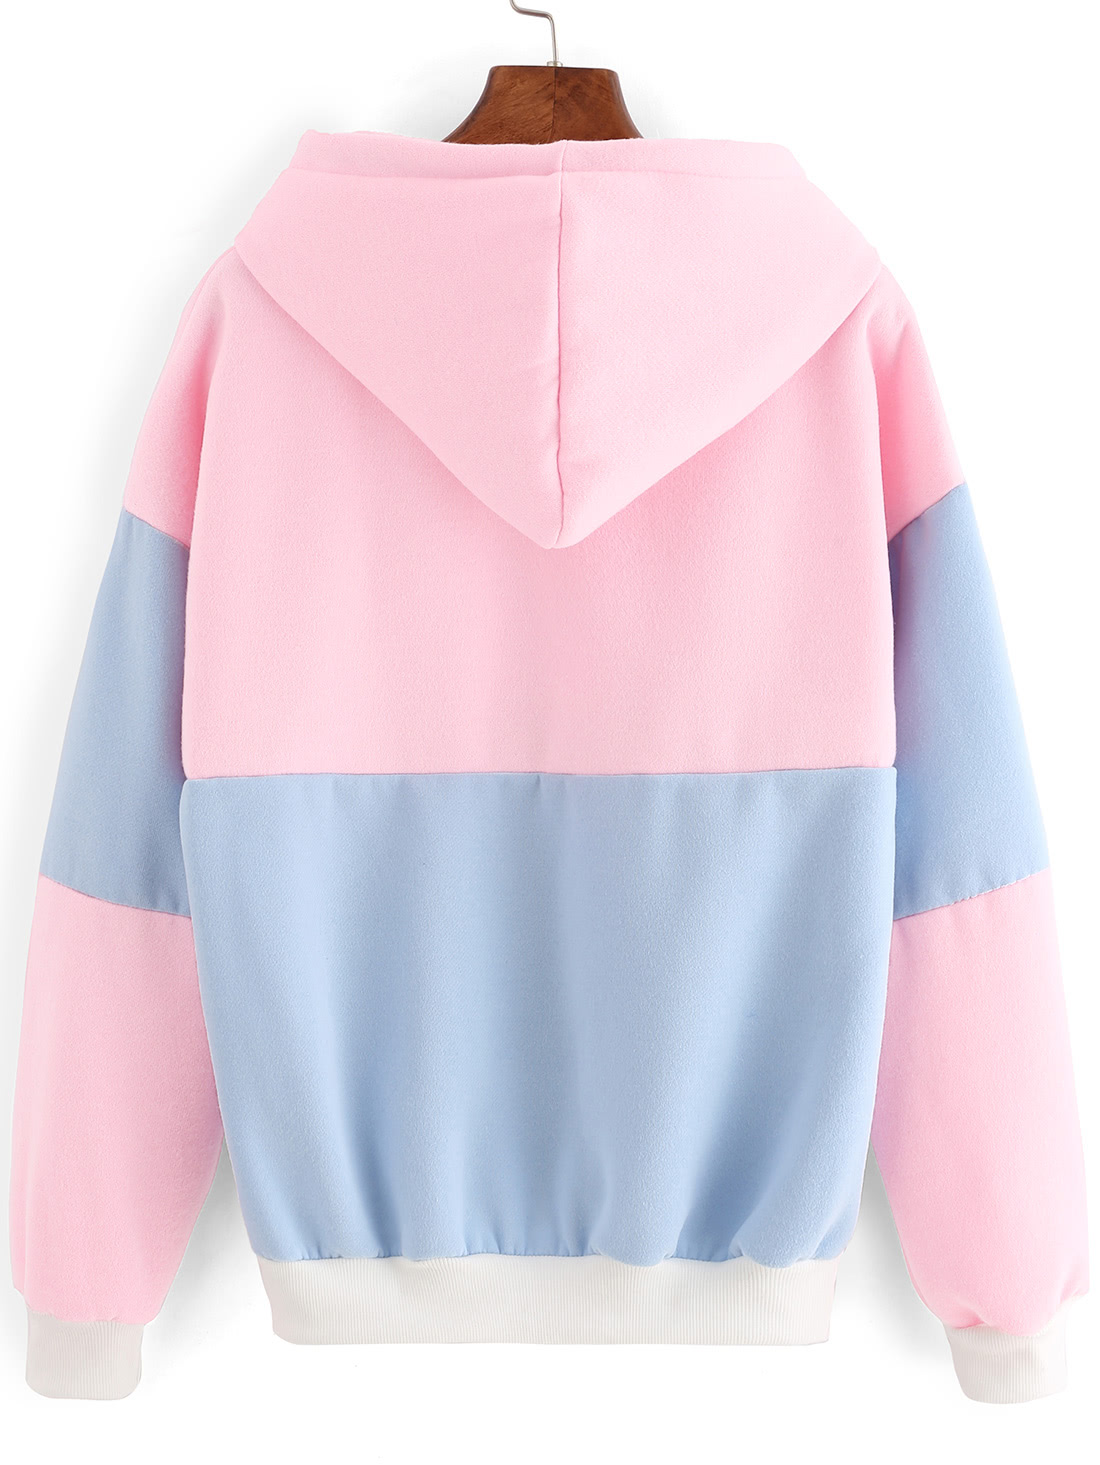 sweatshirt160831125_2